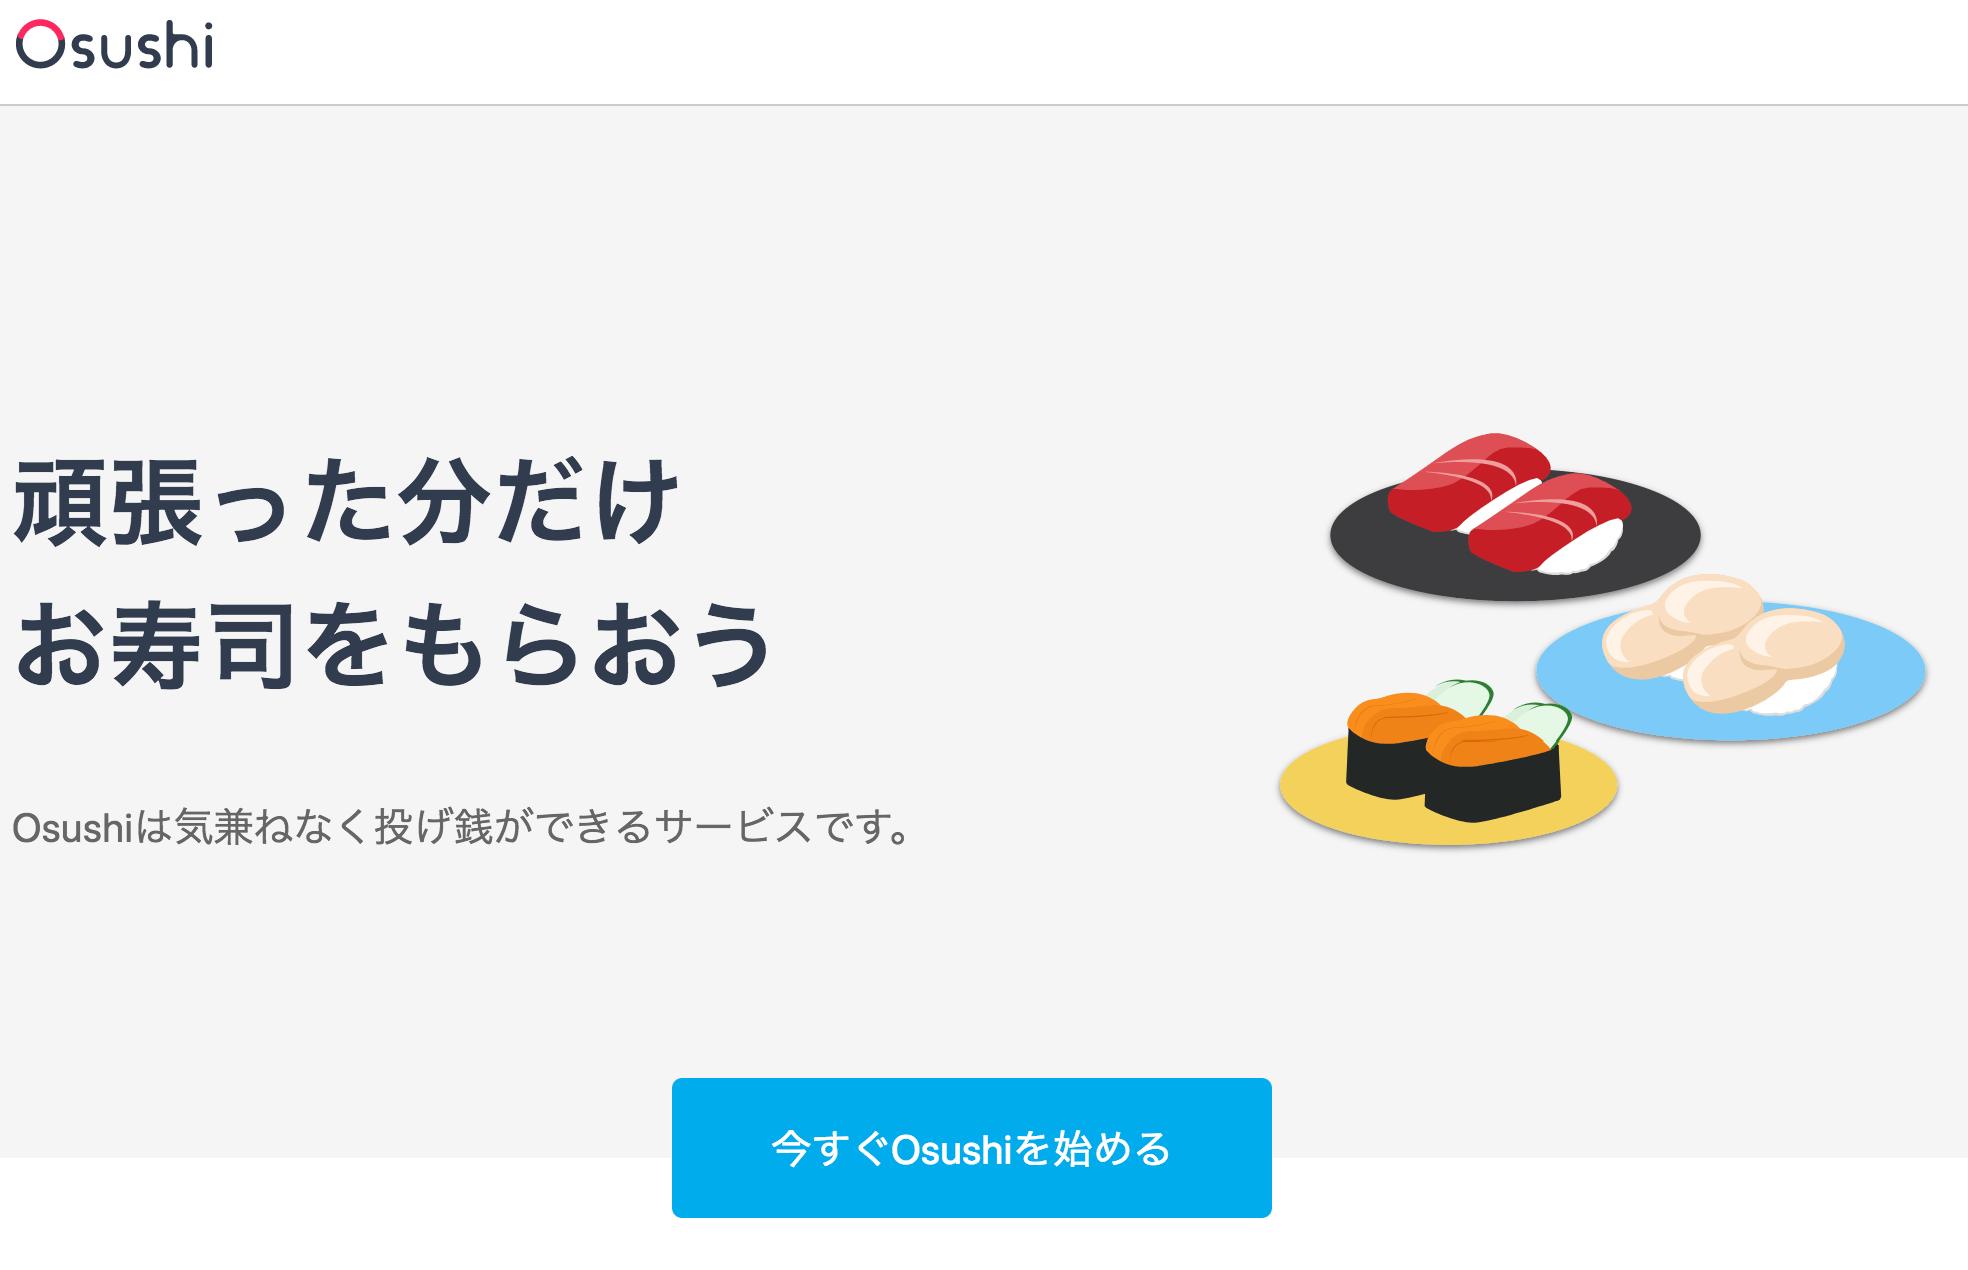 投げ銭サービスOsushi(おすし)でブロガーやソフトウェア開発者やイベント登壇者を応援する方法